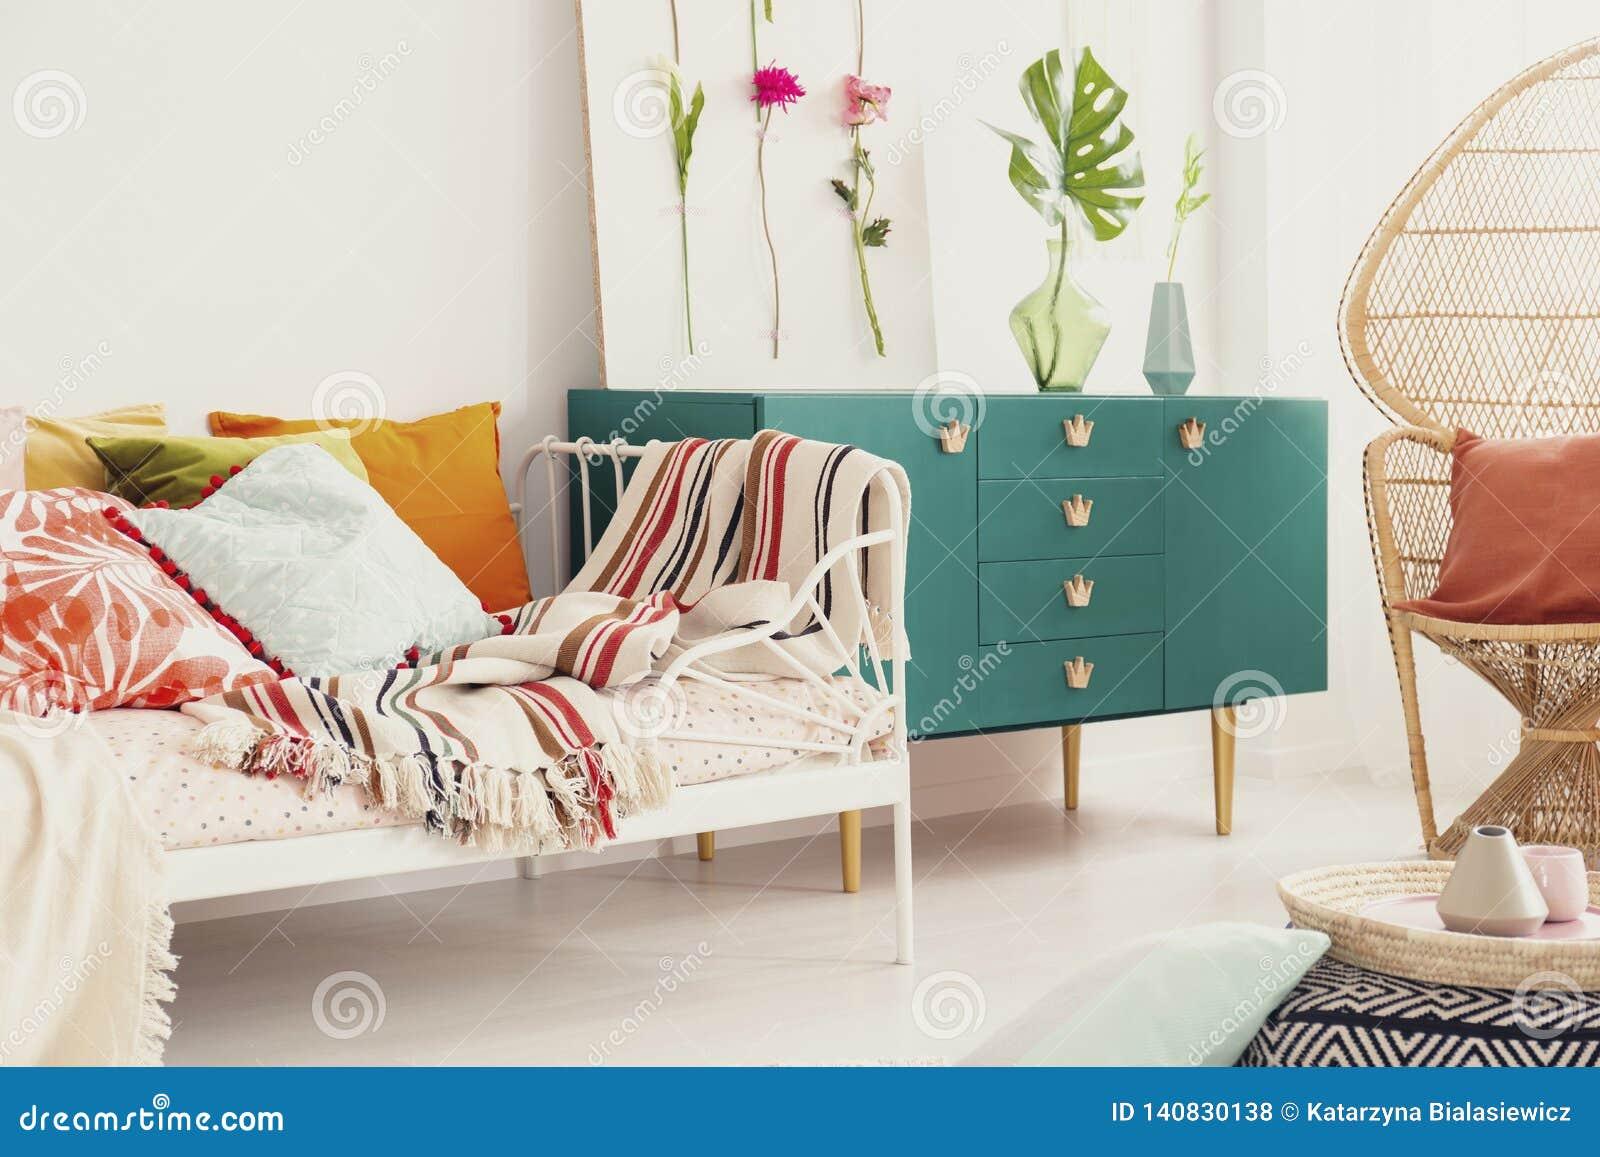 Groen kabinet met het handvat van de kroonvorm in het midden van heldere slaapkamer met kleurrijk beddegoed op de bed en rotanpau